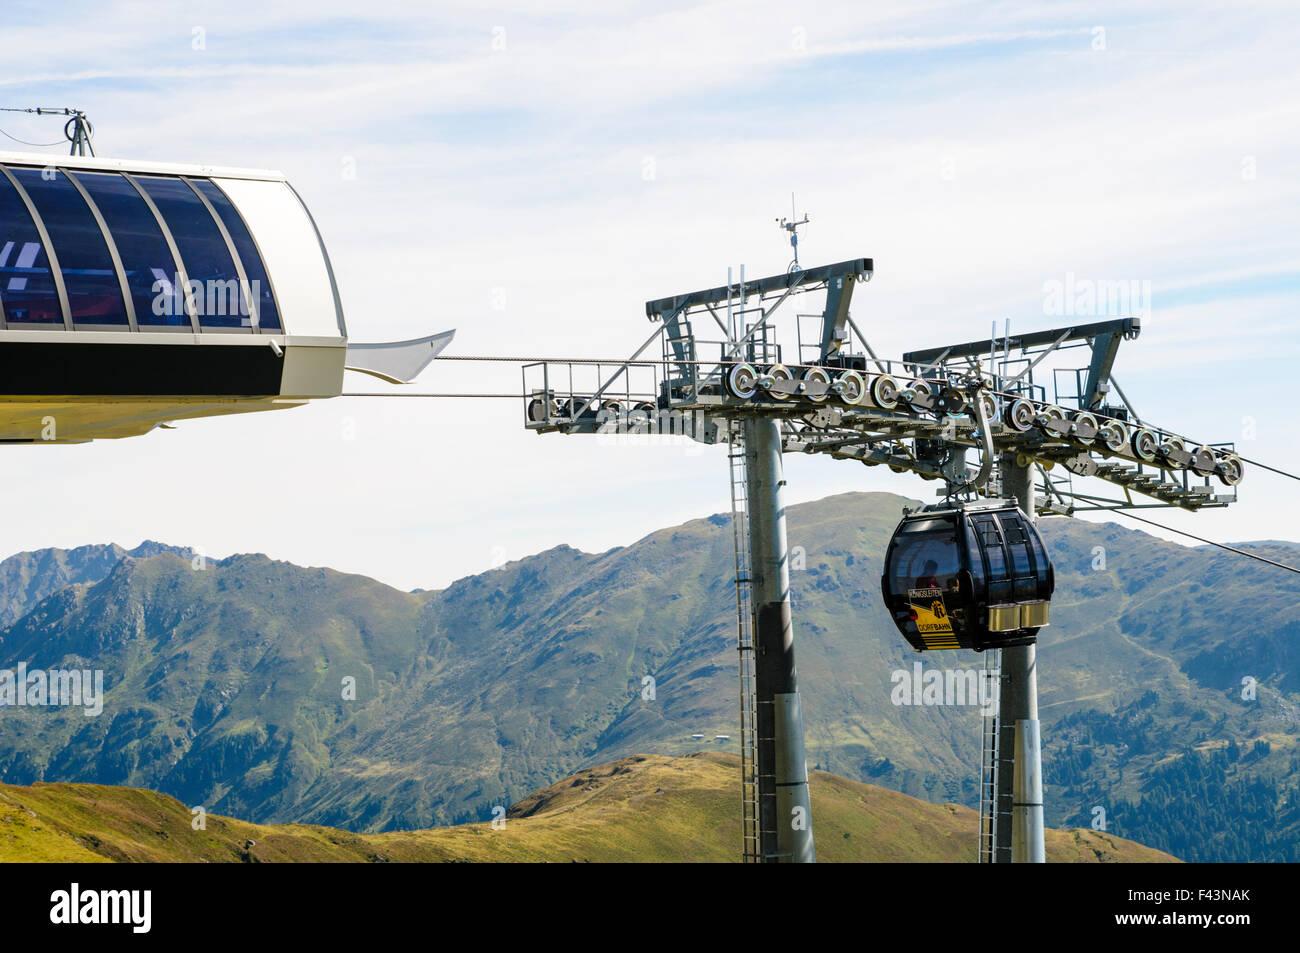 Konigsleiten Berggipfel. Seilbahn-Zillertal, Tirol, Österreich Stockbild